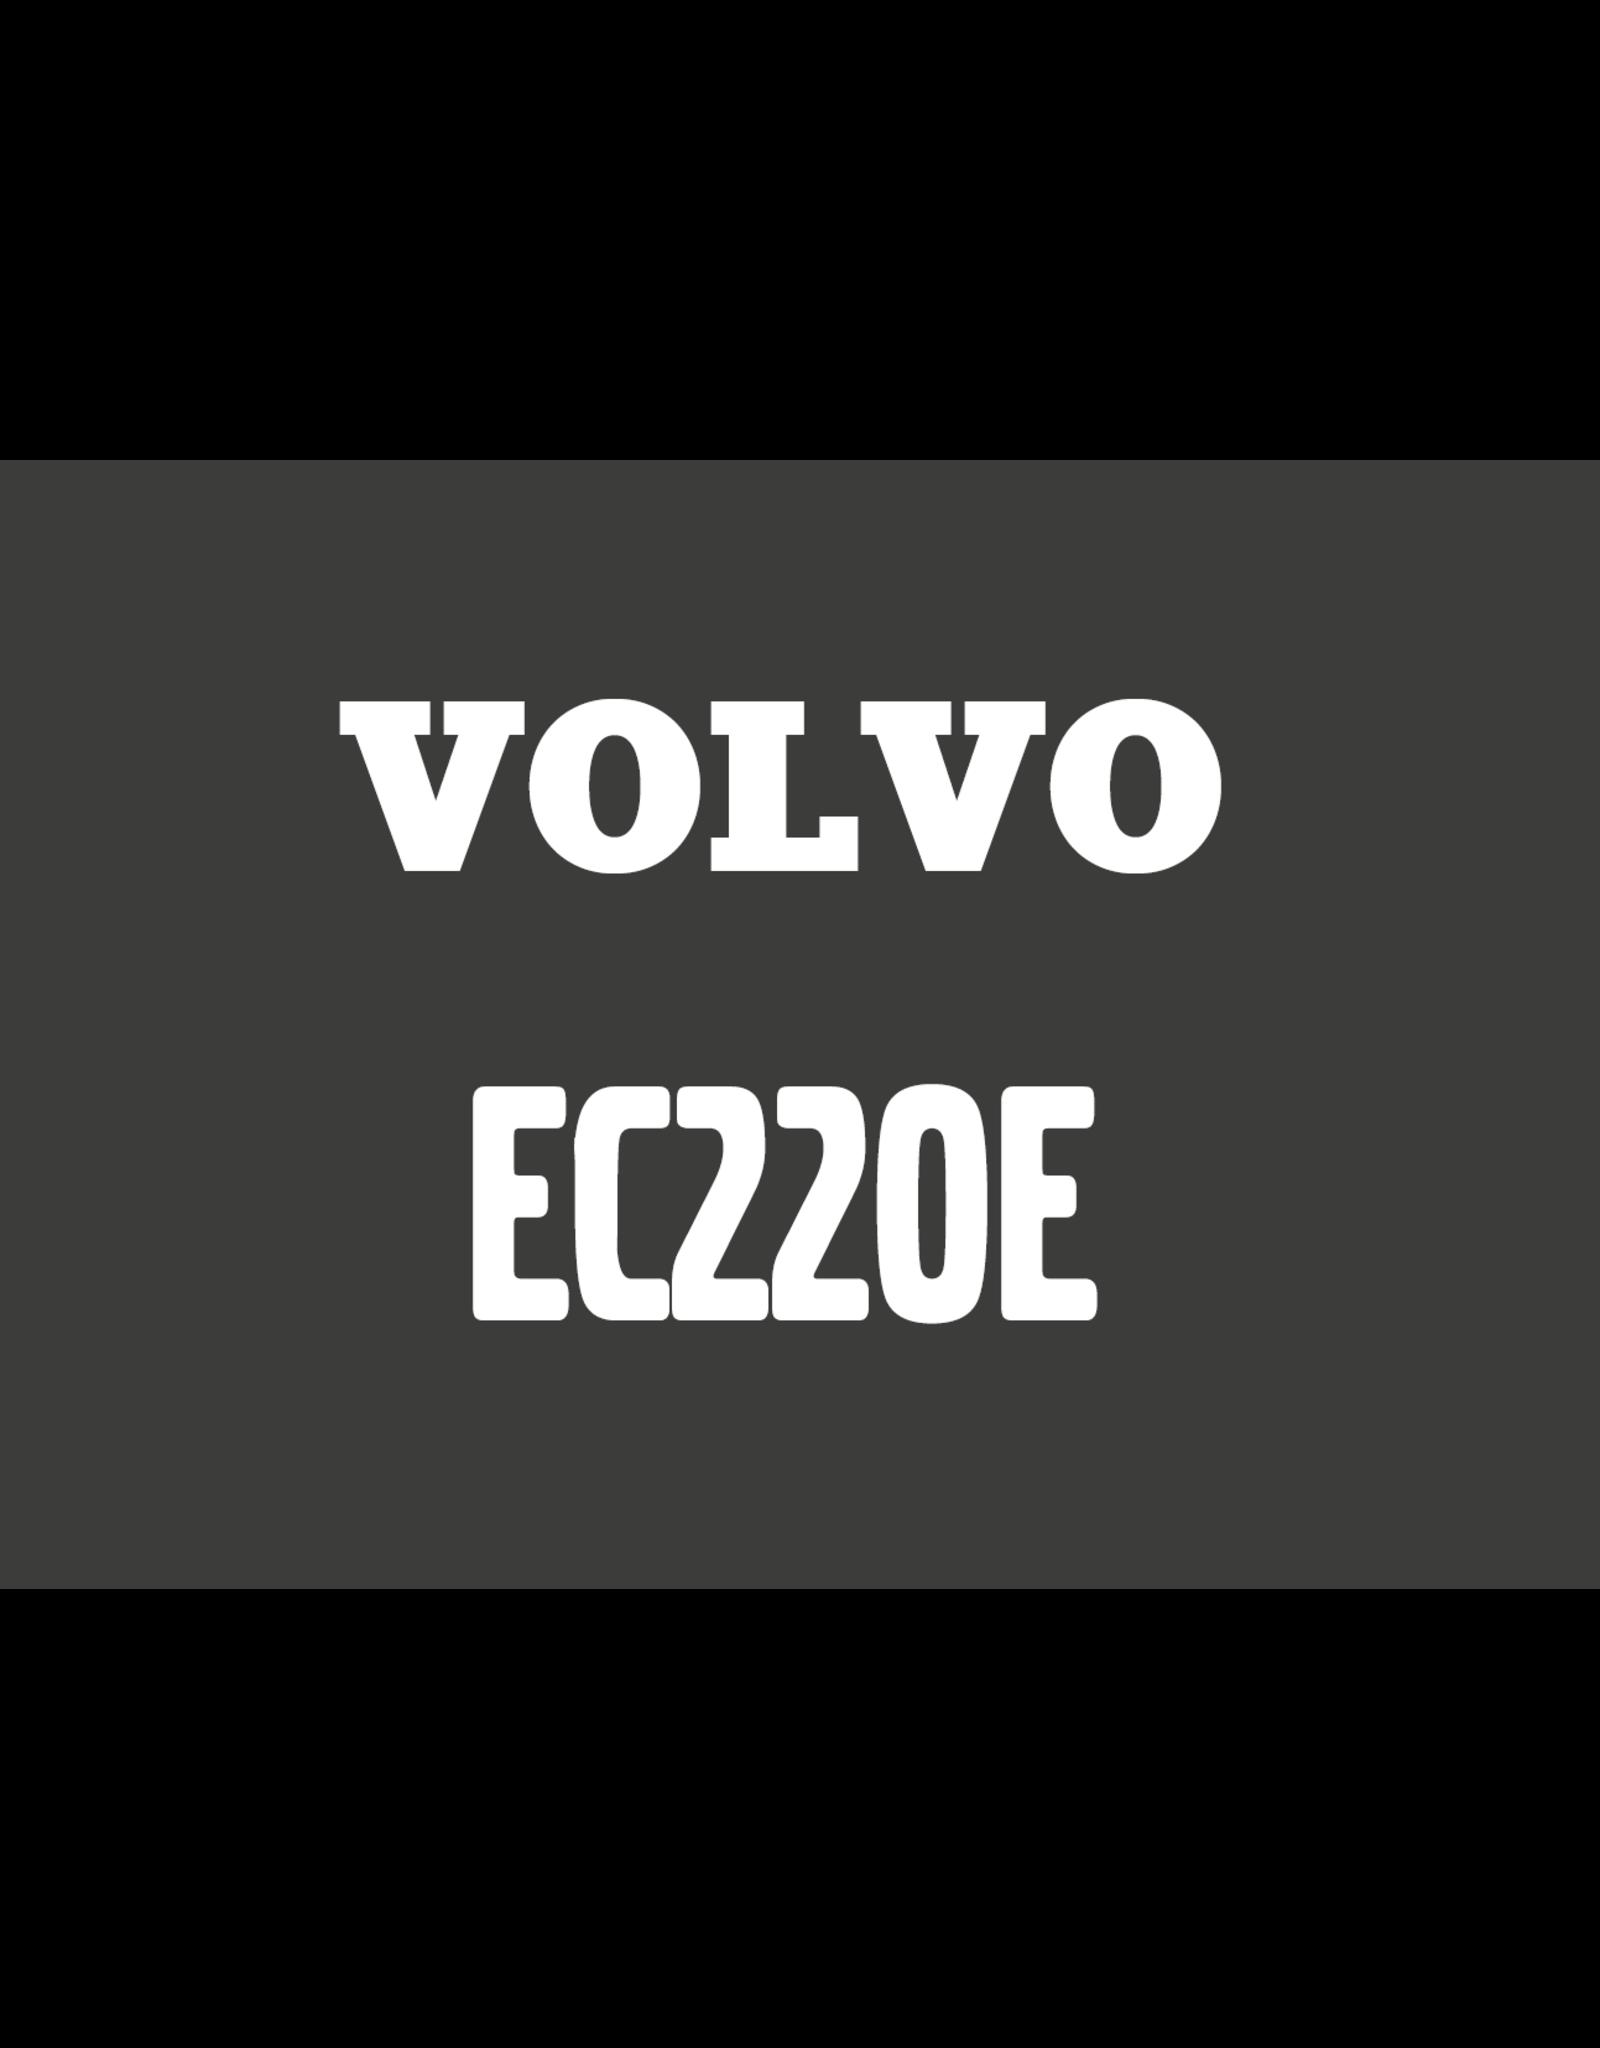 Echle Hartstahl GmbH FOPS for Volvo EC220E